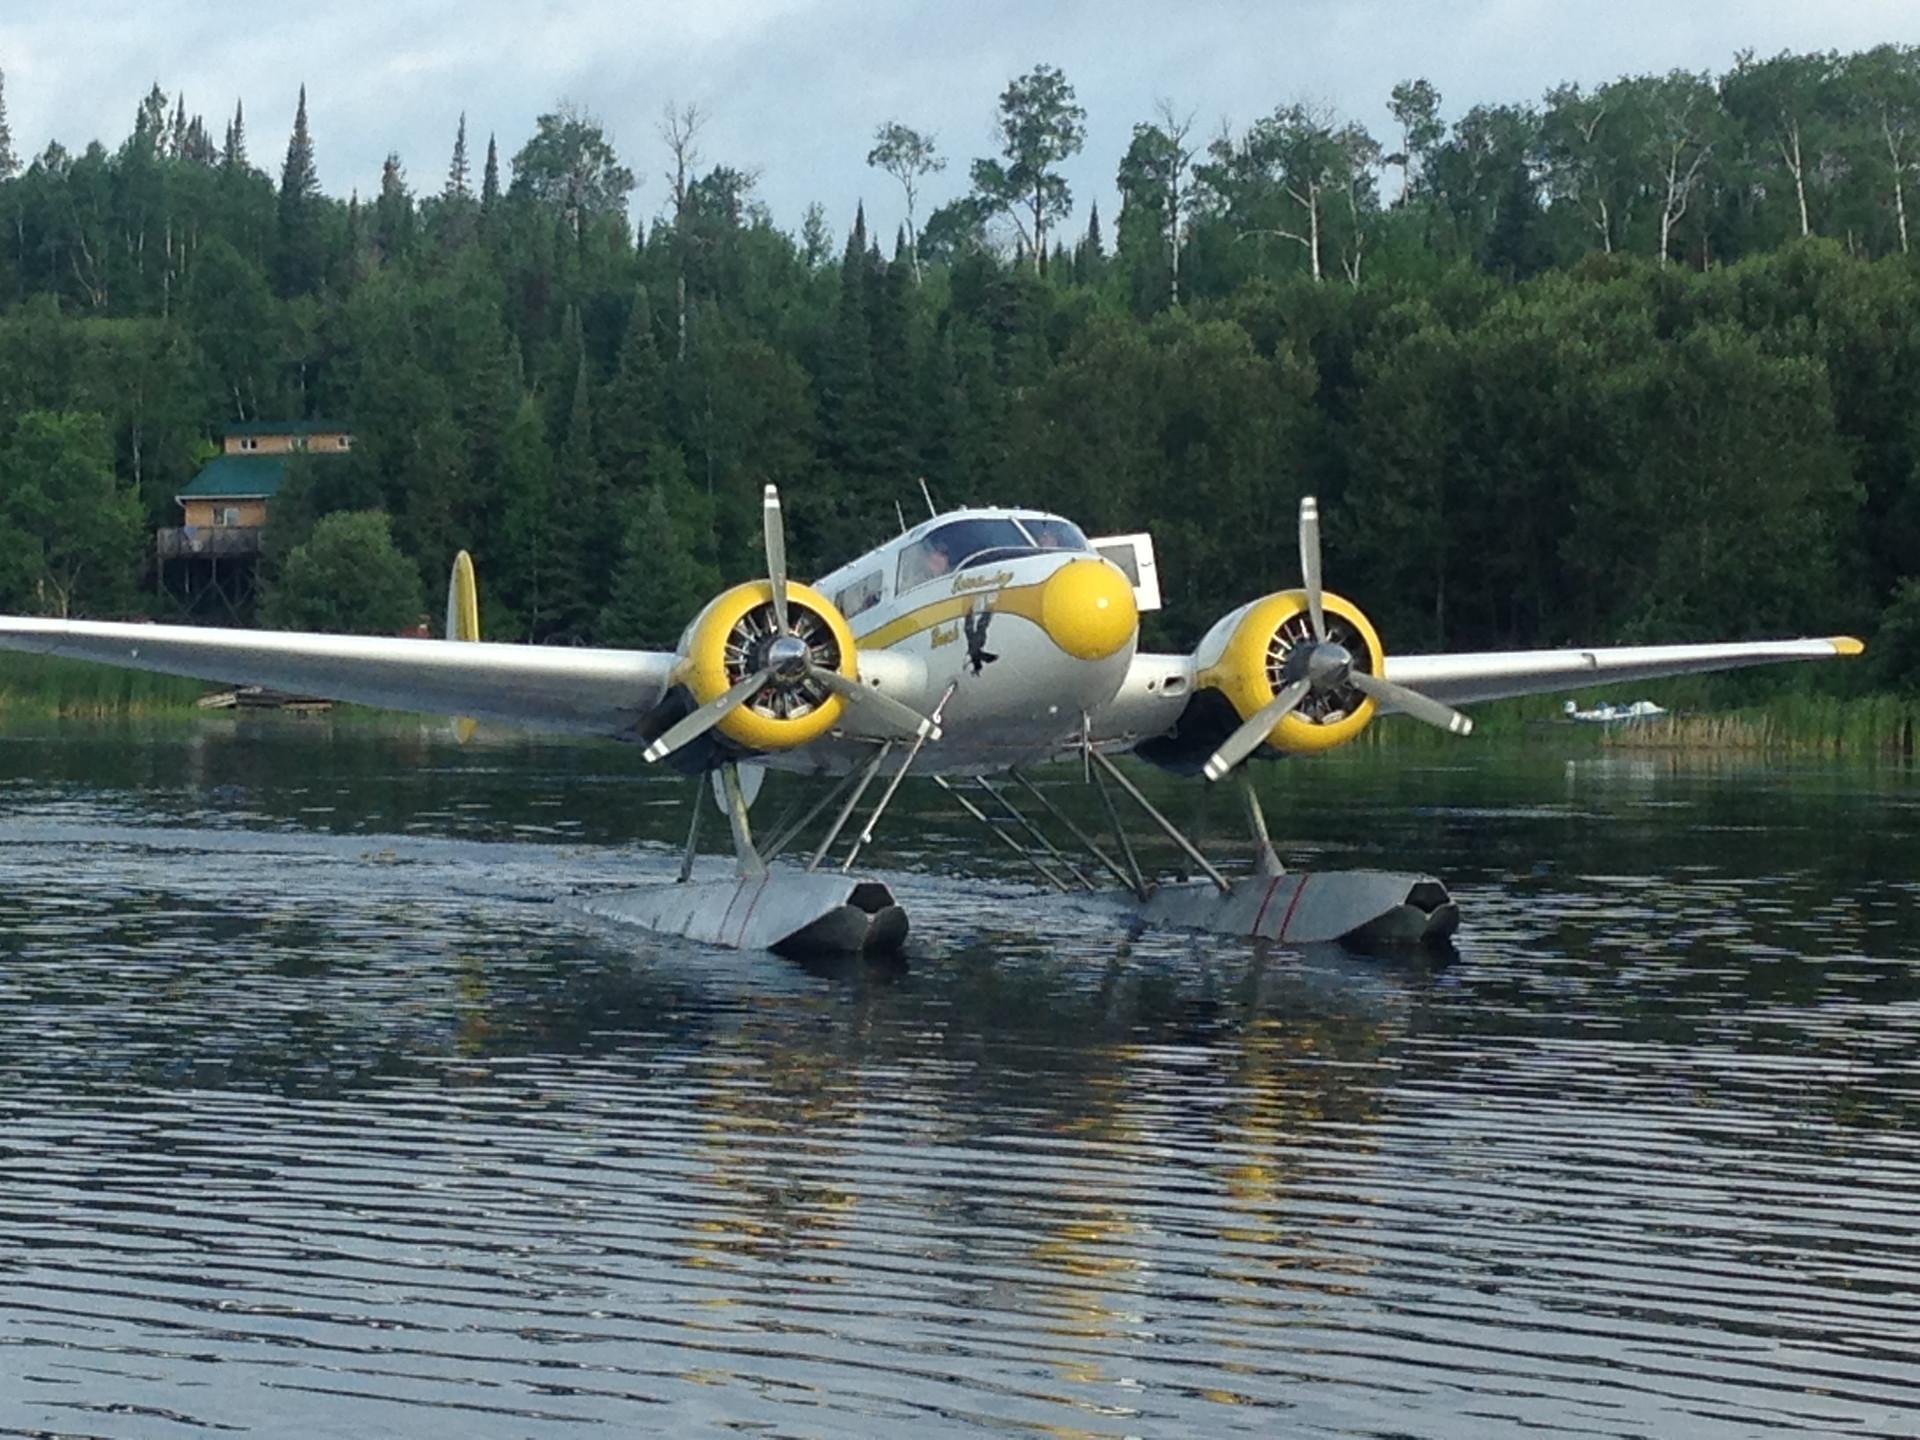 Beech 18 on floats